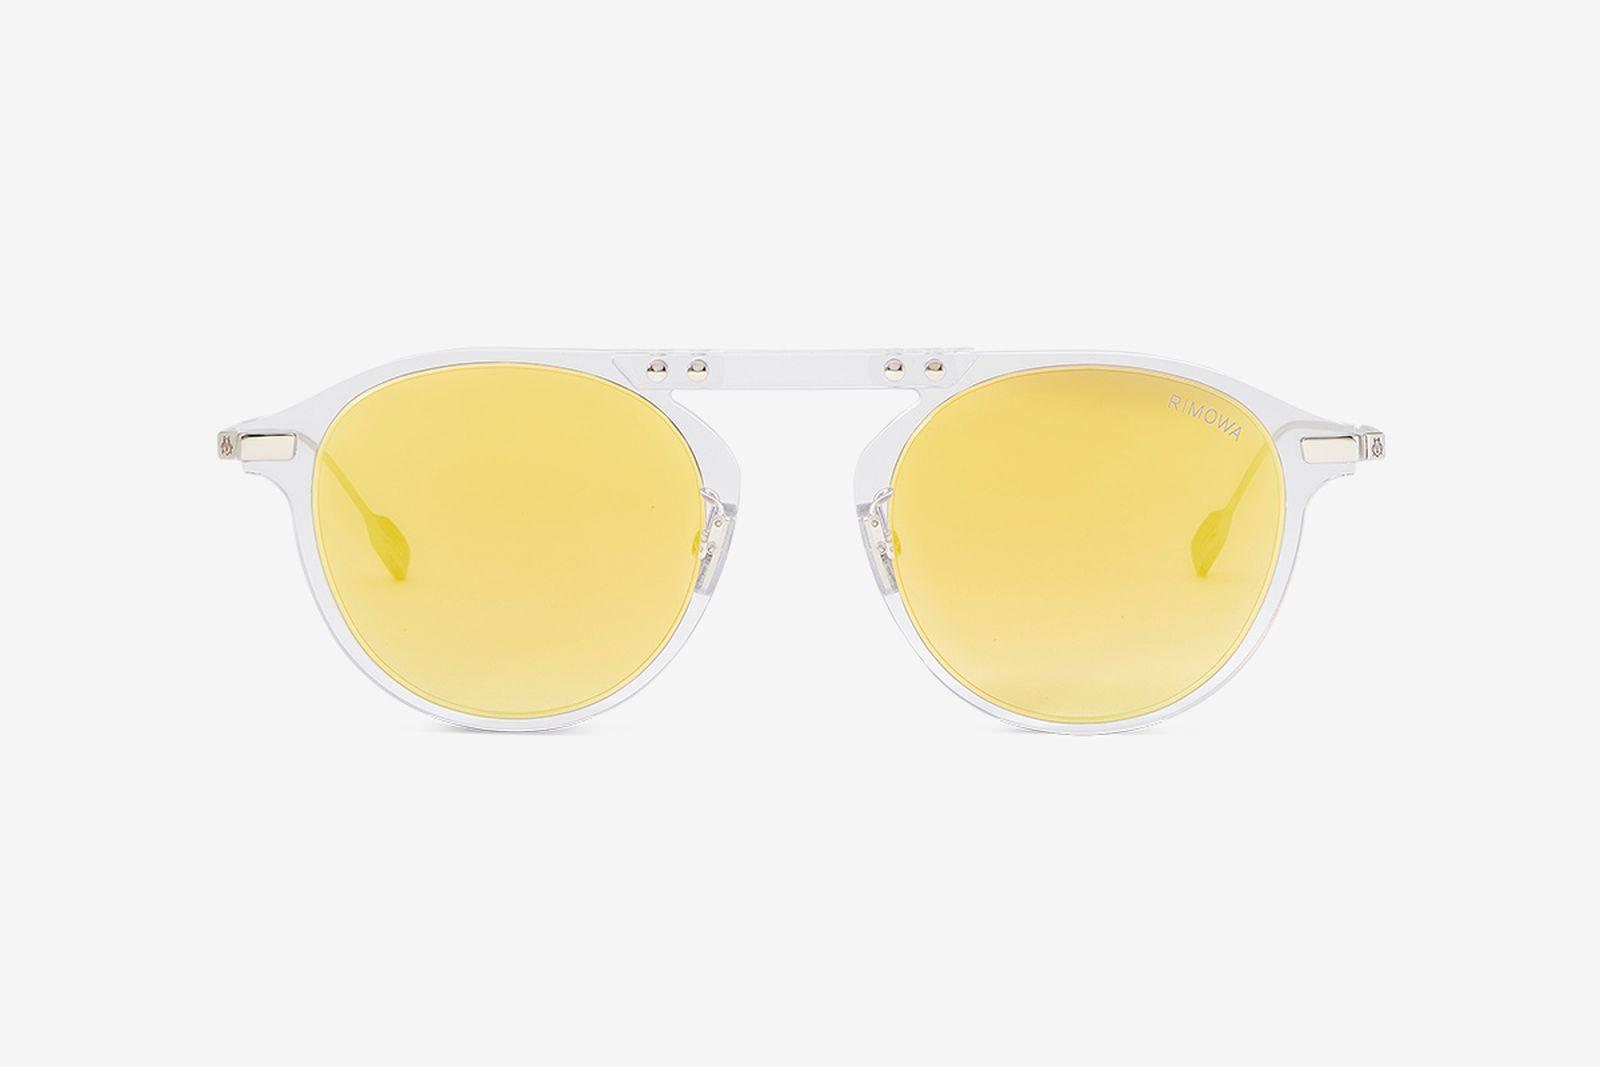 rimowa-eyewear-19